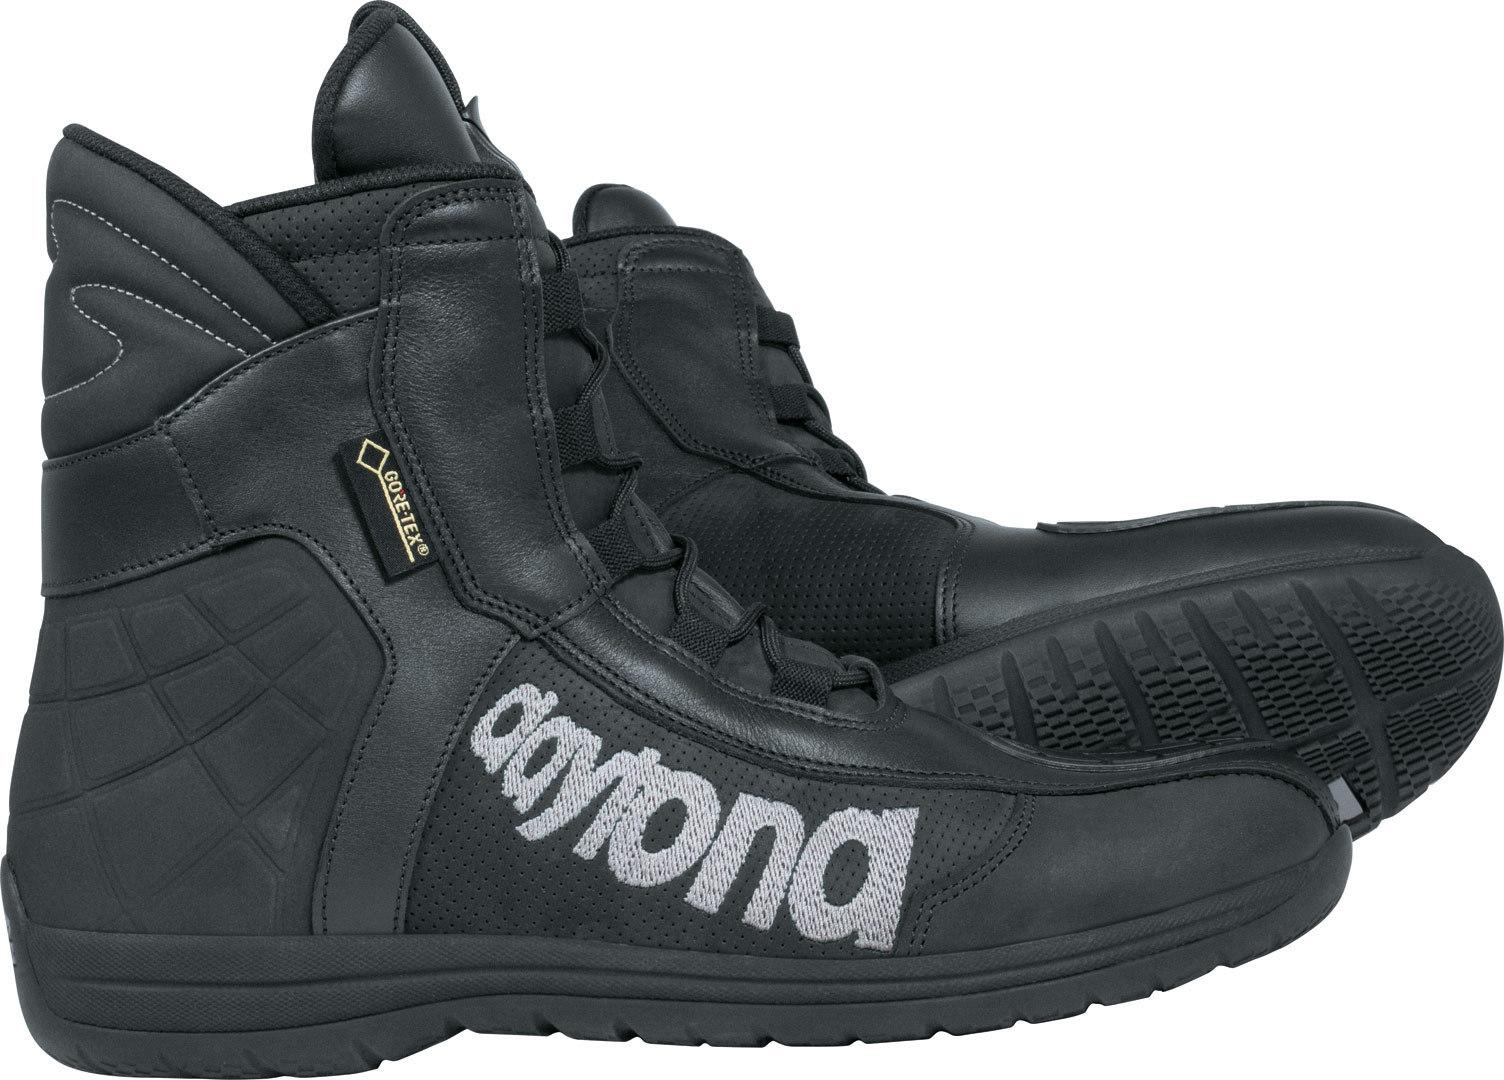 Daytona AC Dry GTX Gore-Tex wasserdichte Motorradstiefel, schwarz, Größe 43, schwarz, Größe 43